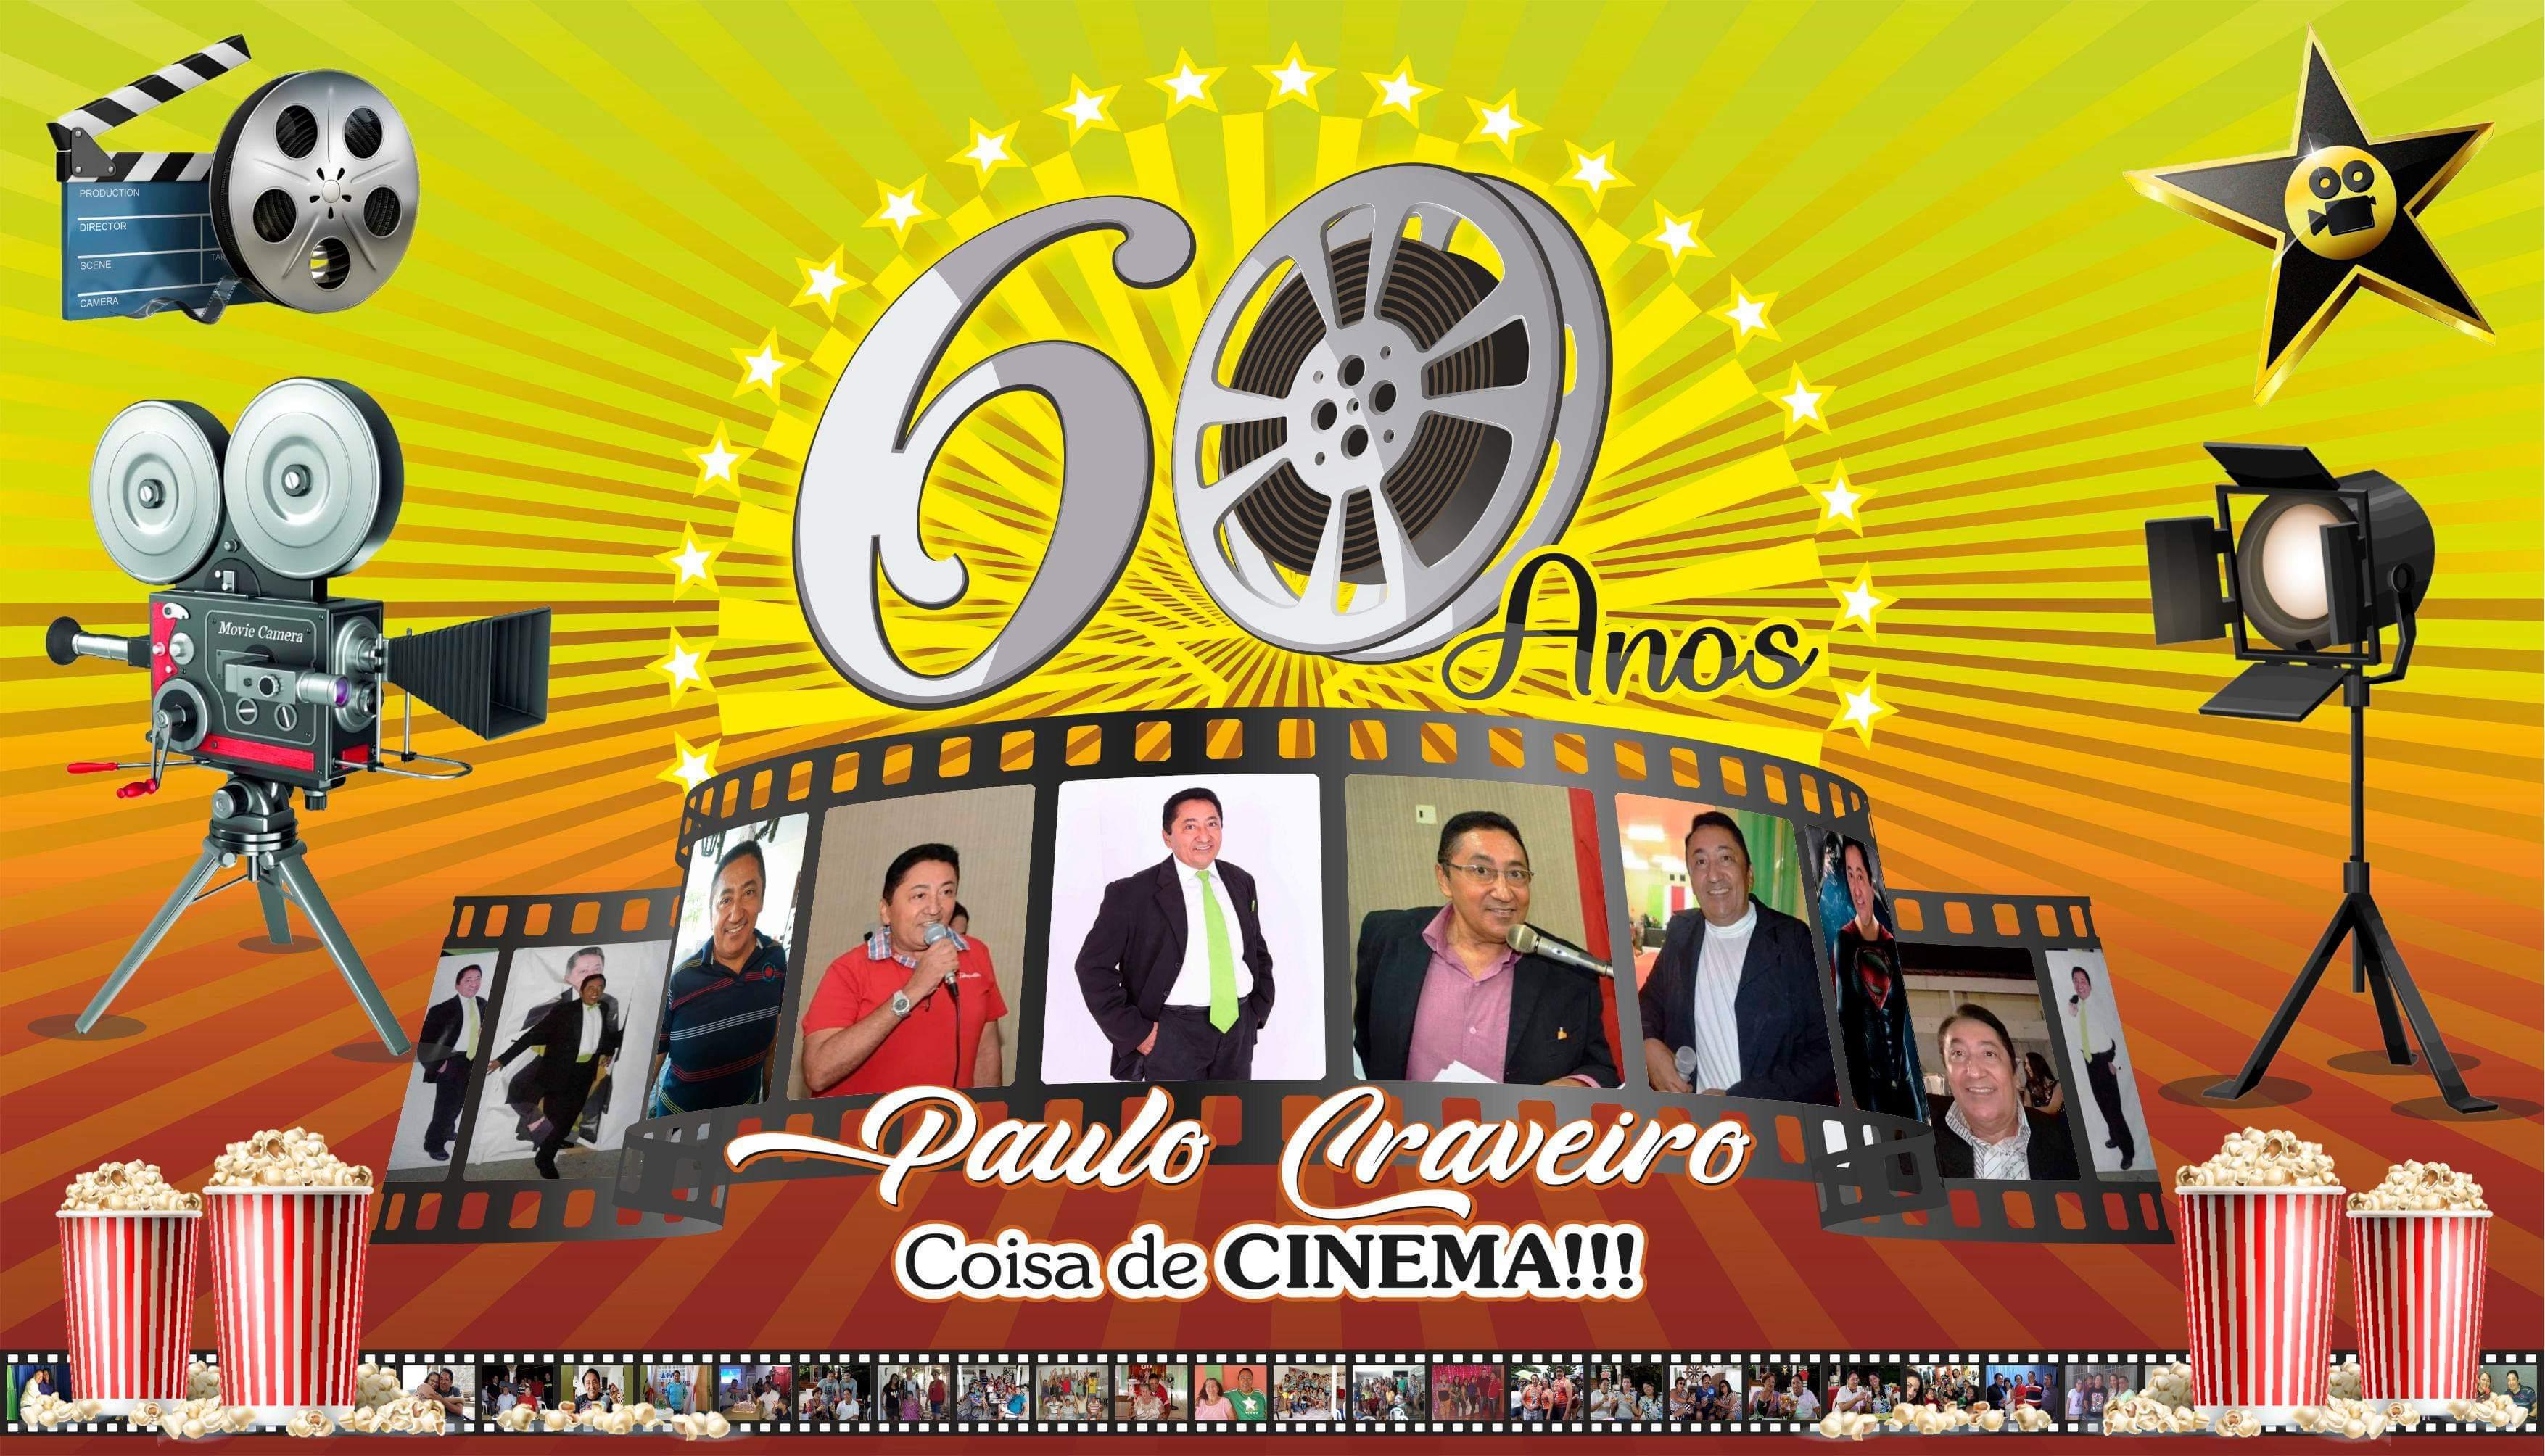 Paulo Craveiro comemora a chegada da Nova Idade com muita Alegria!(Parte I)